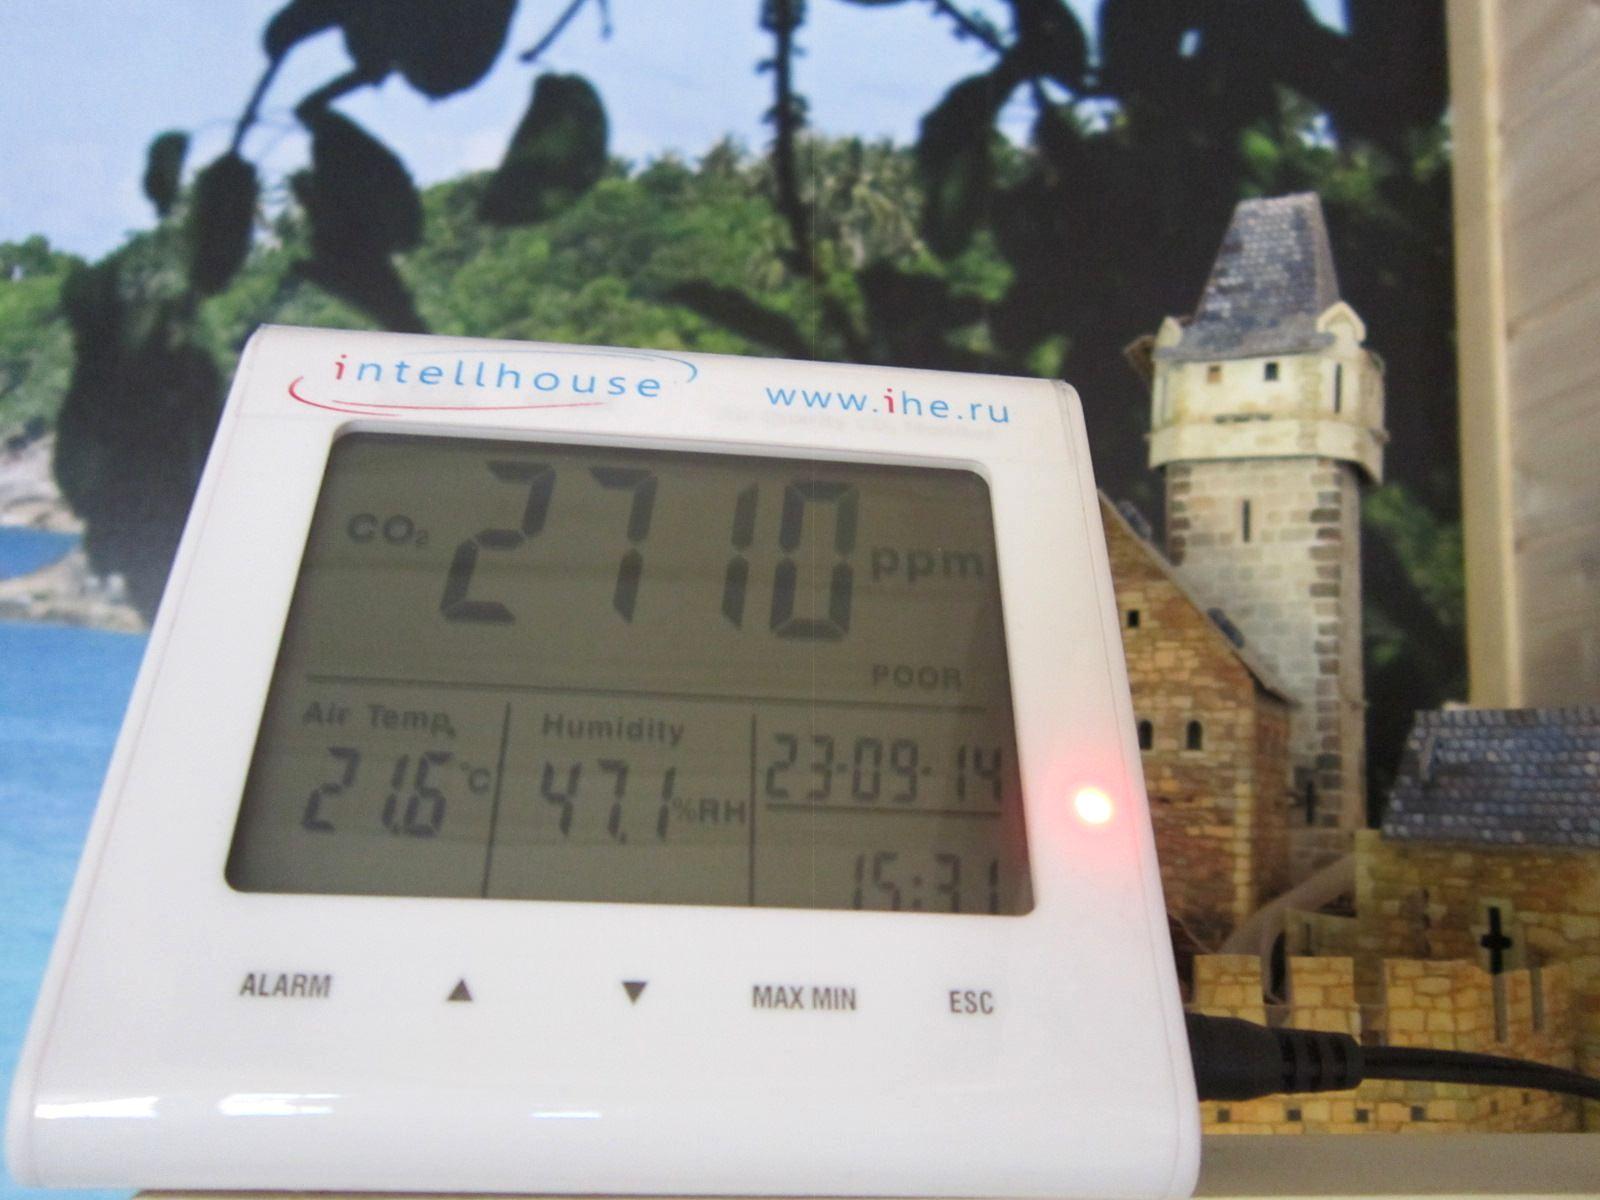 Перед включением вентиляции замерили уровень СО2 в деревянном доме из бруса